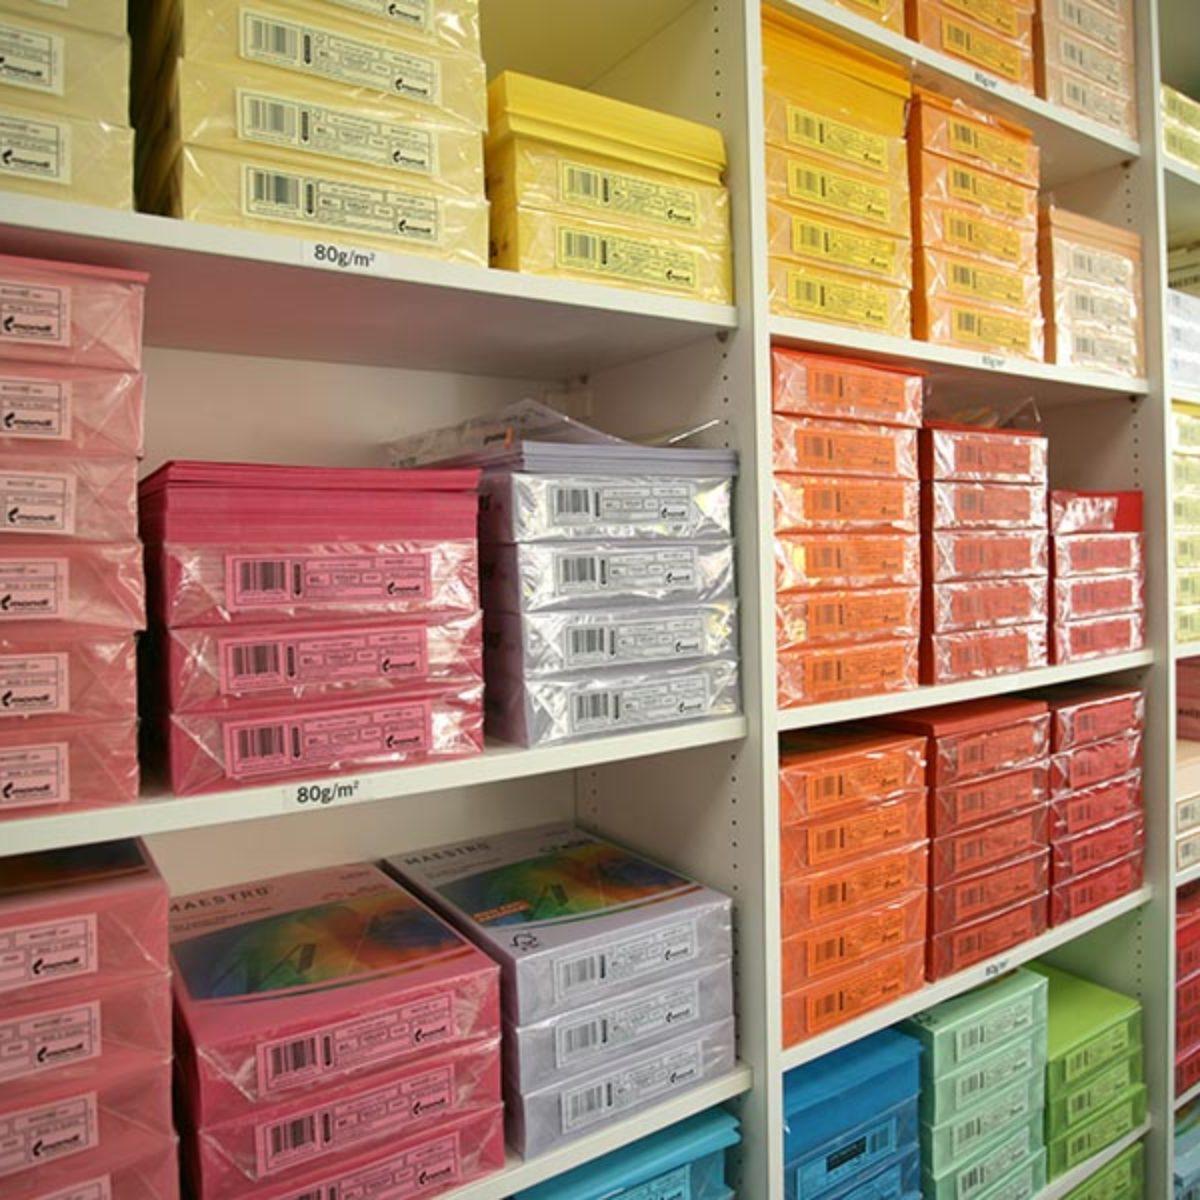 Unsere große Papierauswahl im Druck- und Kopierzentrum Tiedeke in Hamburg Wandsbek Farmsen